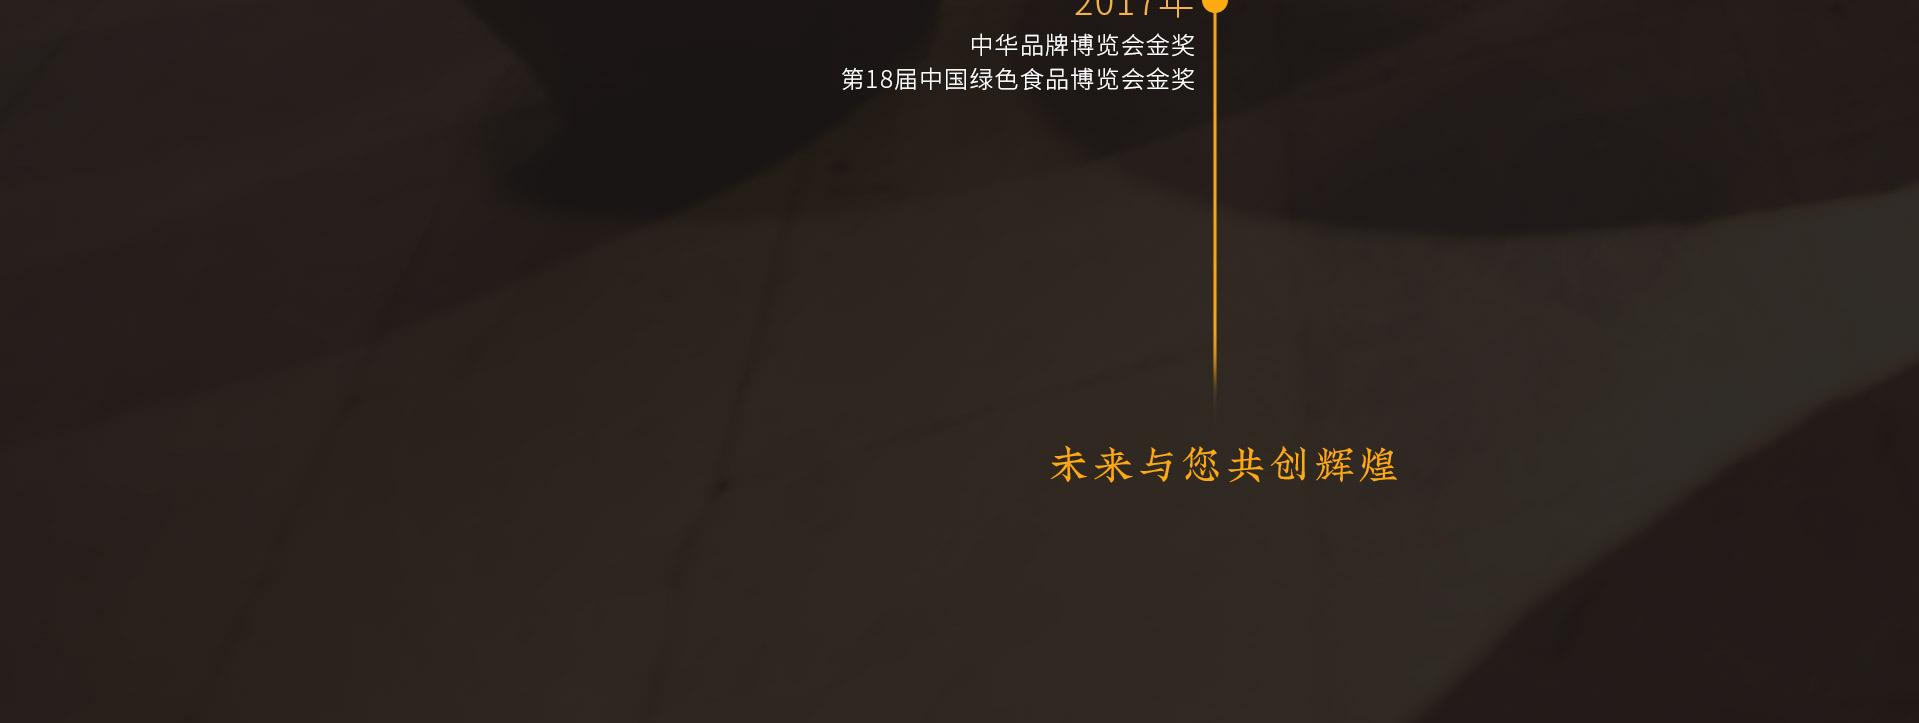 历史发展_12.jpg